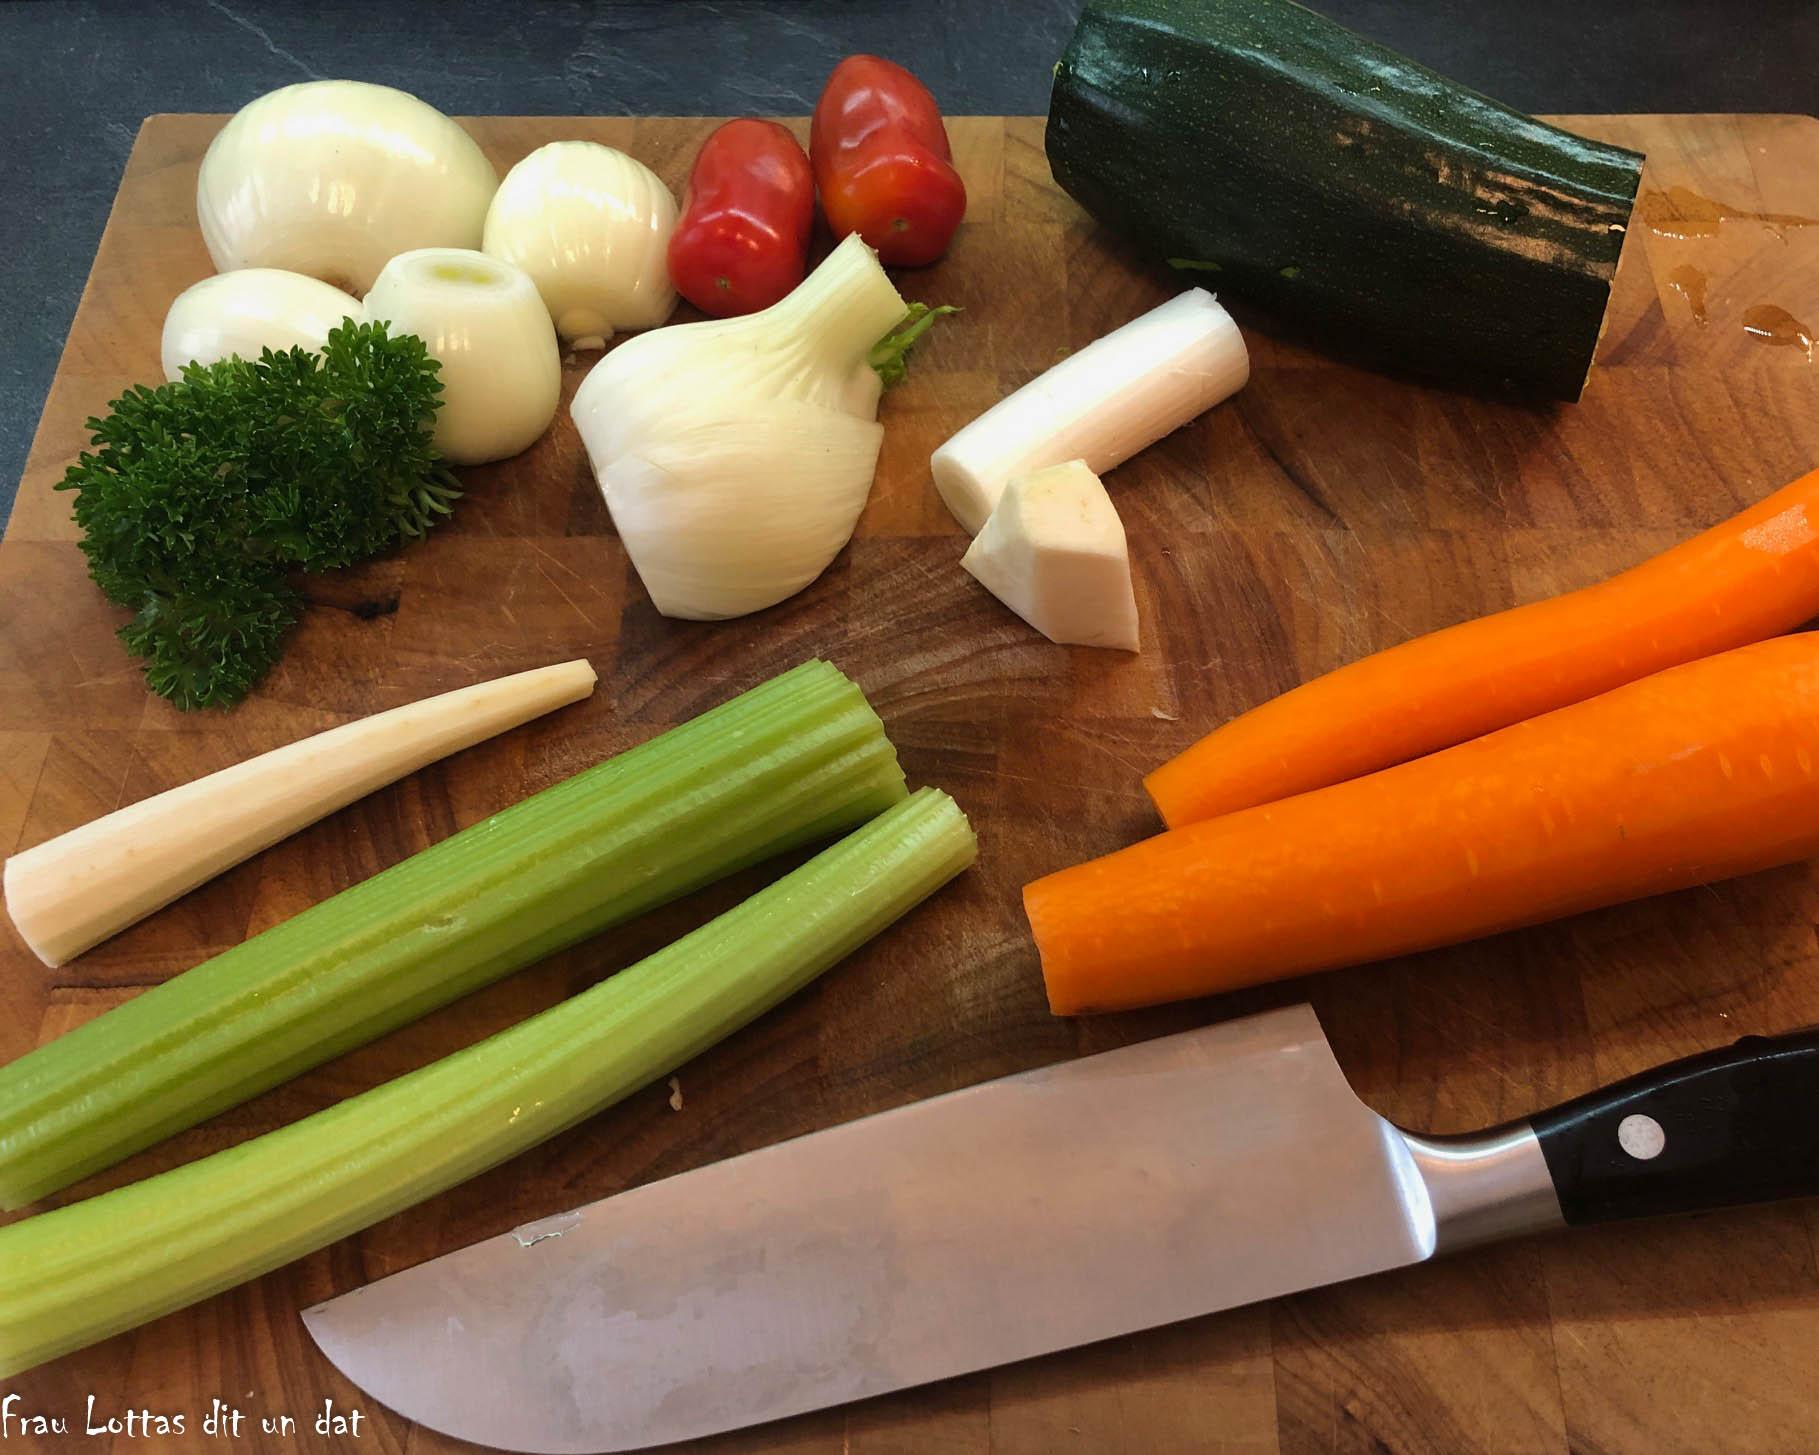 Fertig geputztes Gemüse auf einem Brett